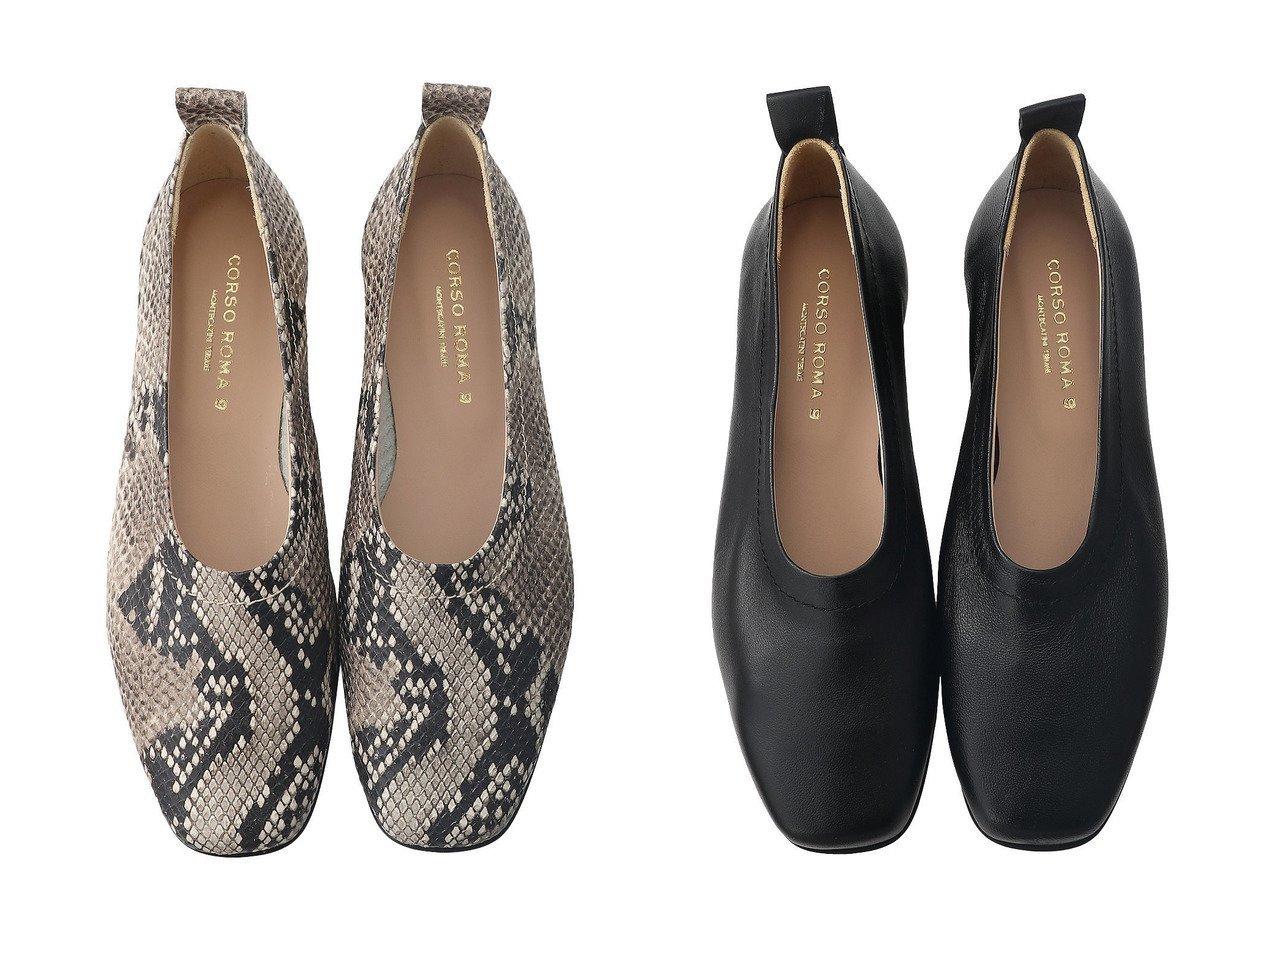 【1er Arrondissement/プルミエ アロンディスモン】の【CORSO ROMA9】レザーフラットスリッポンシューズ&【CORSO ROMA9】パイソンフラットスリッポンシューズ 【シューズ・靴】おすすめ!人気、トレンド・レディースファッションの通販 おすすめで人気の流行・トレンド、ファッションの通販商品 メンズファッション・キッズファッション・インテリア・家具・レディースファッション・服の通販 founy(ファニー) https://founy.com/ ファッション Fashion レディースファッション WOMEN シューズ パイソン フラット |ID:crp329100000030193